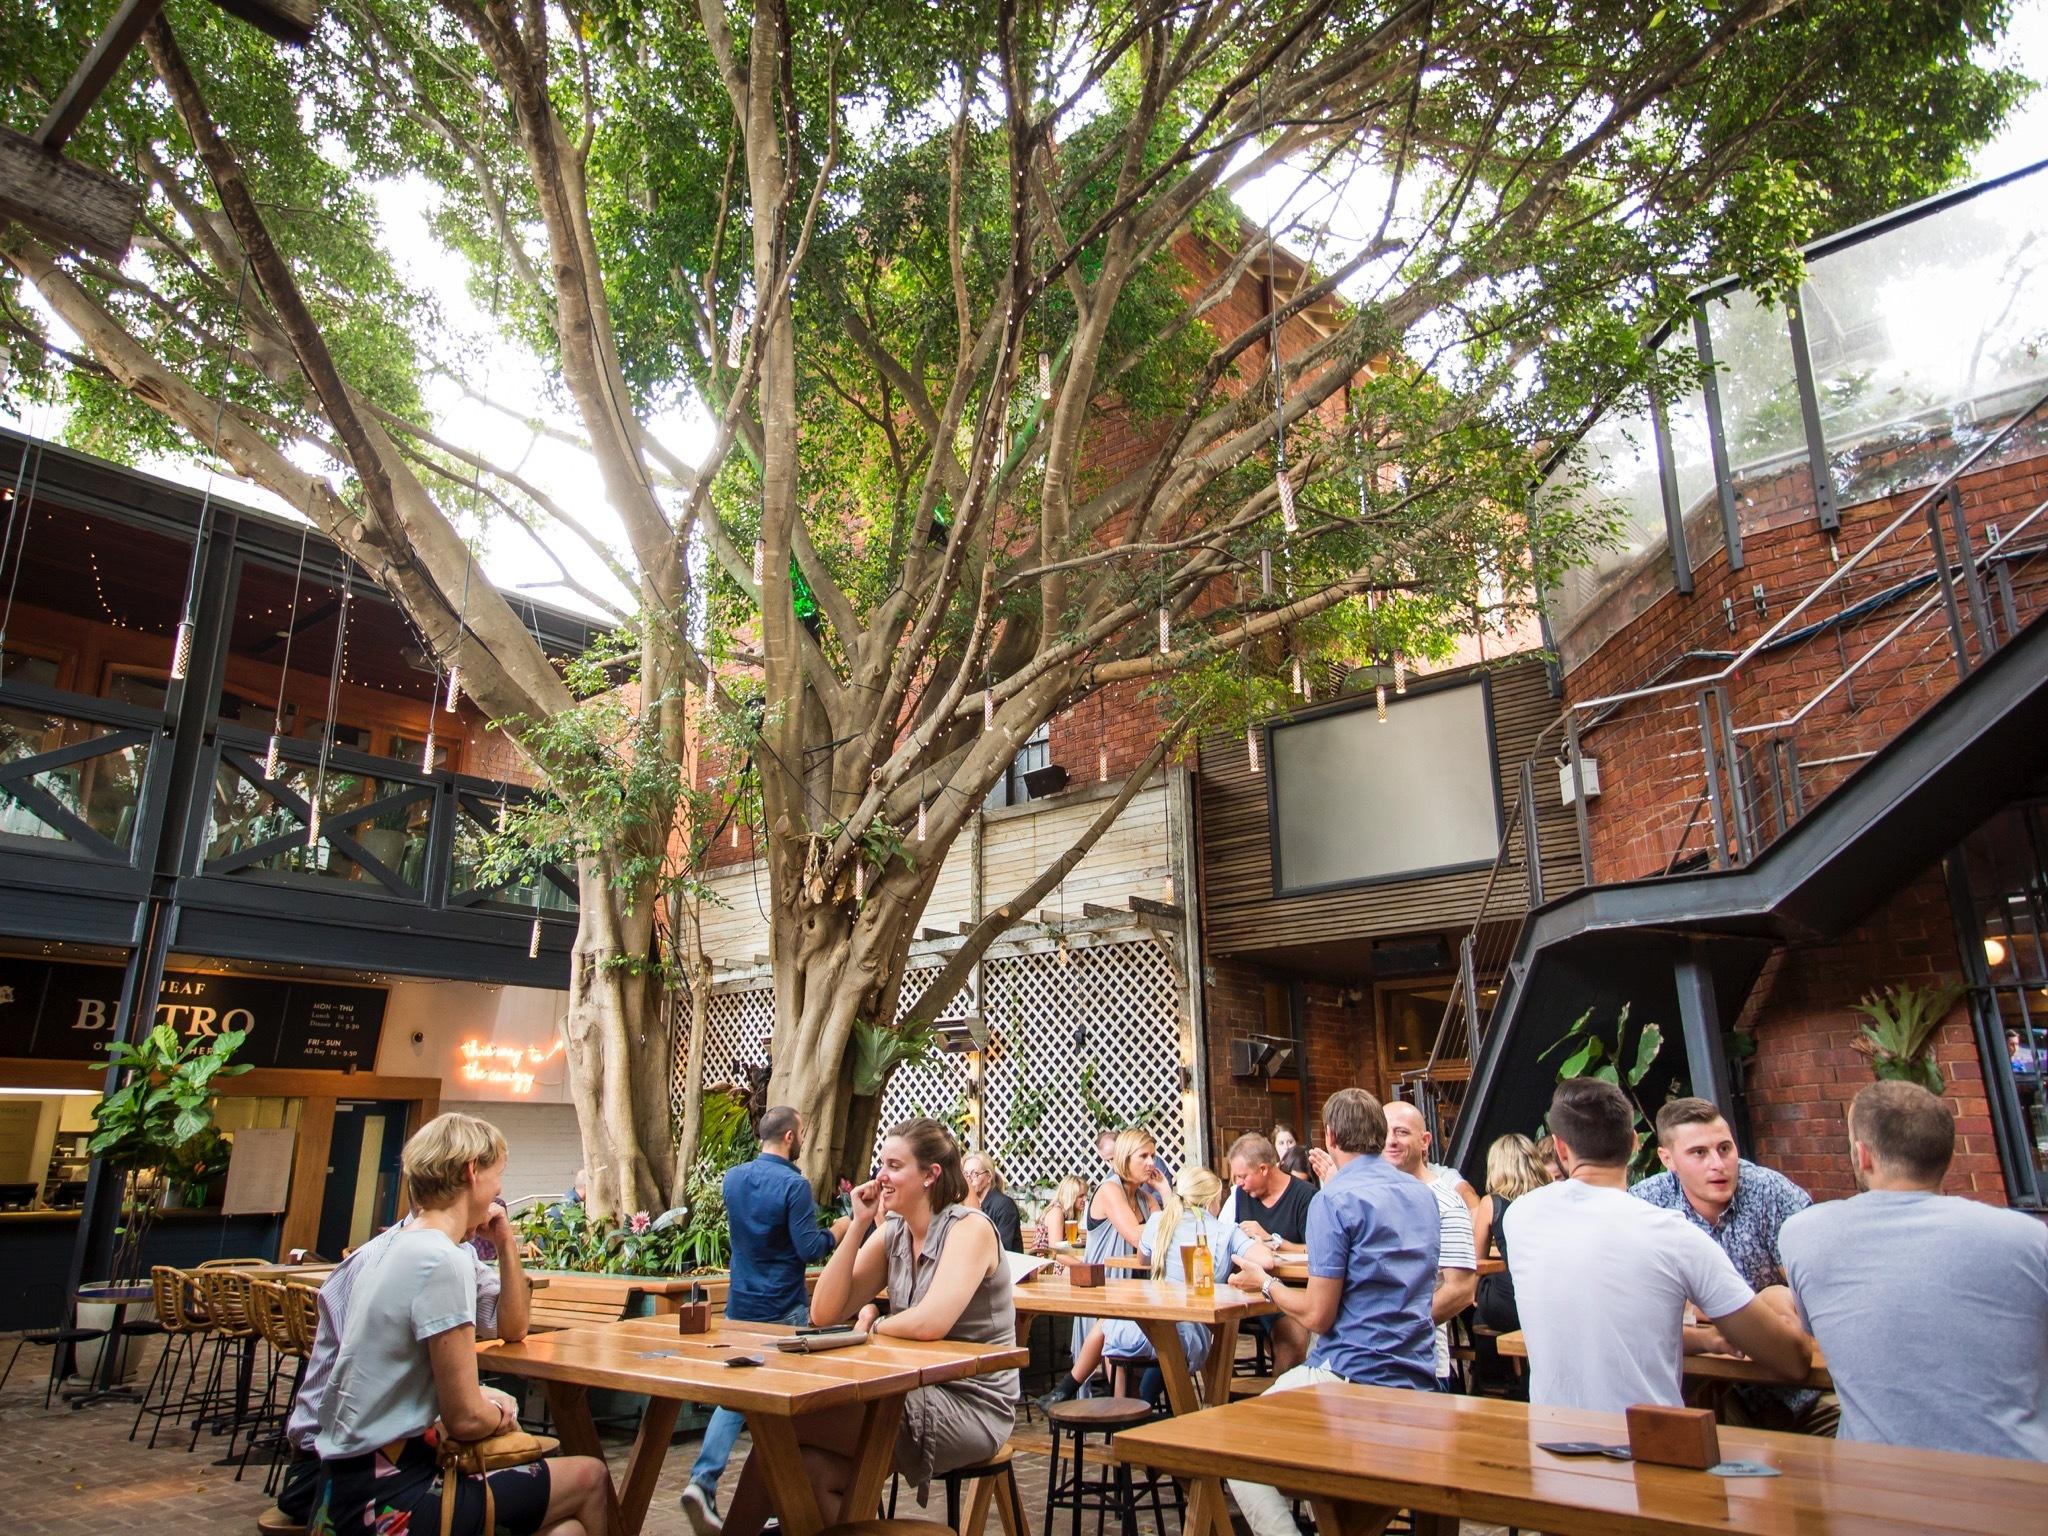 Beer garden at The Sheaf